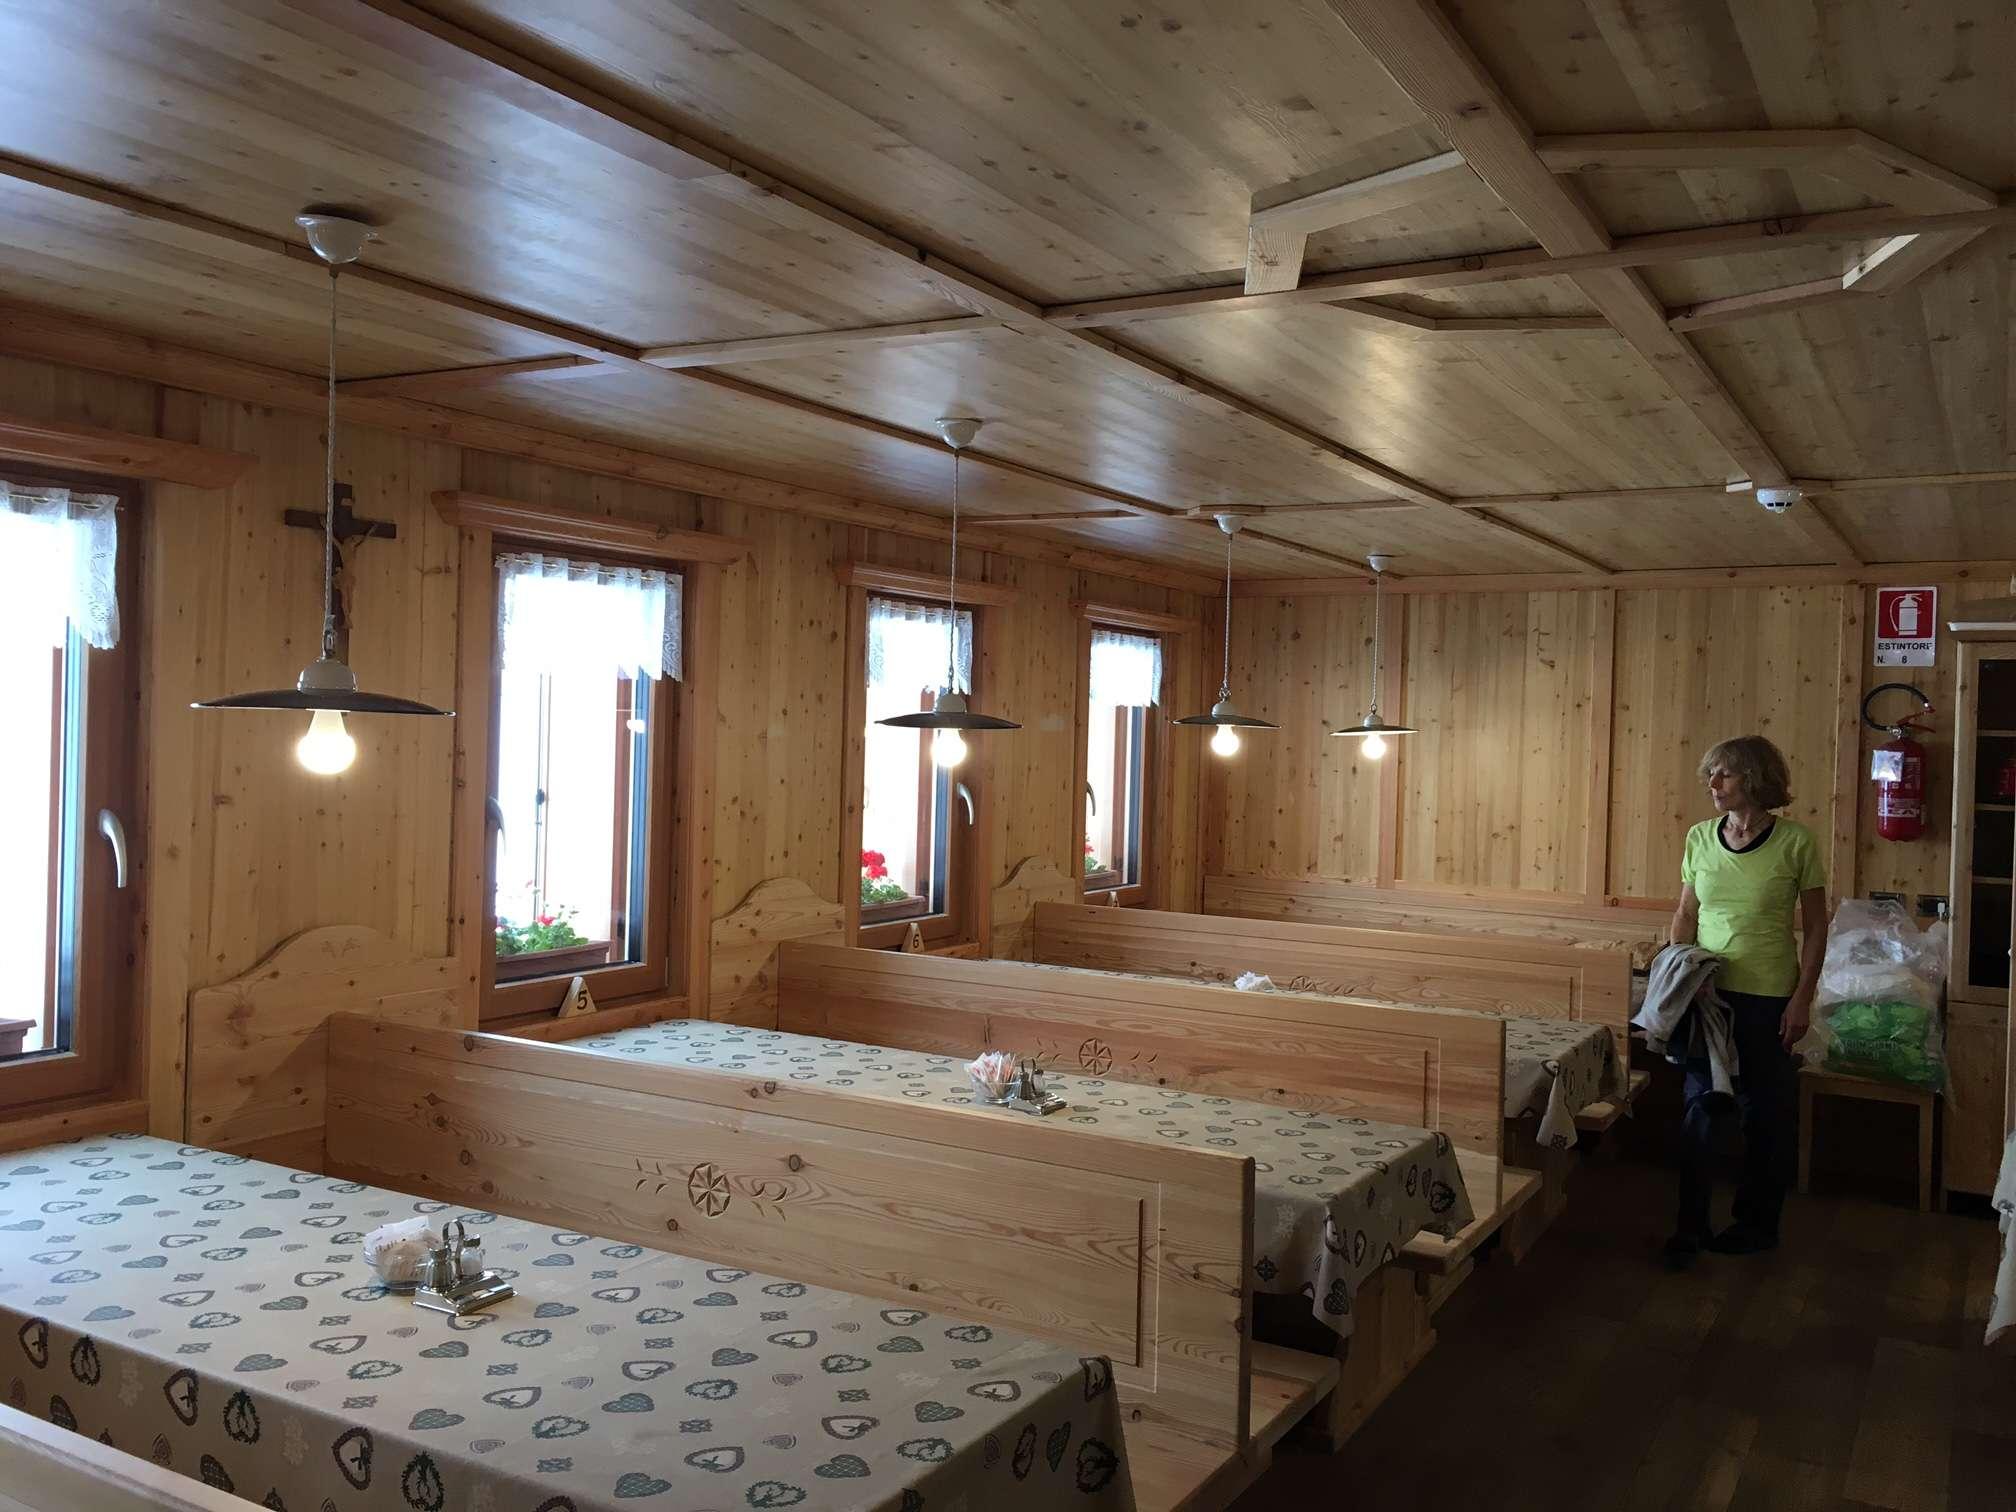 Arredi interni rifugio antermoia case in legno e for Case in legno interni